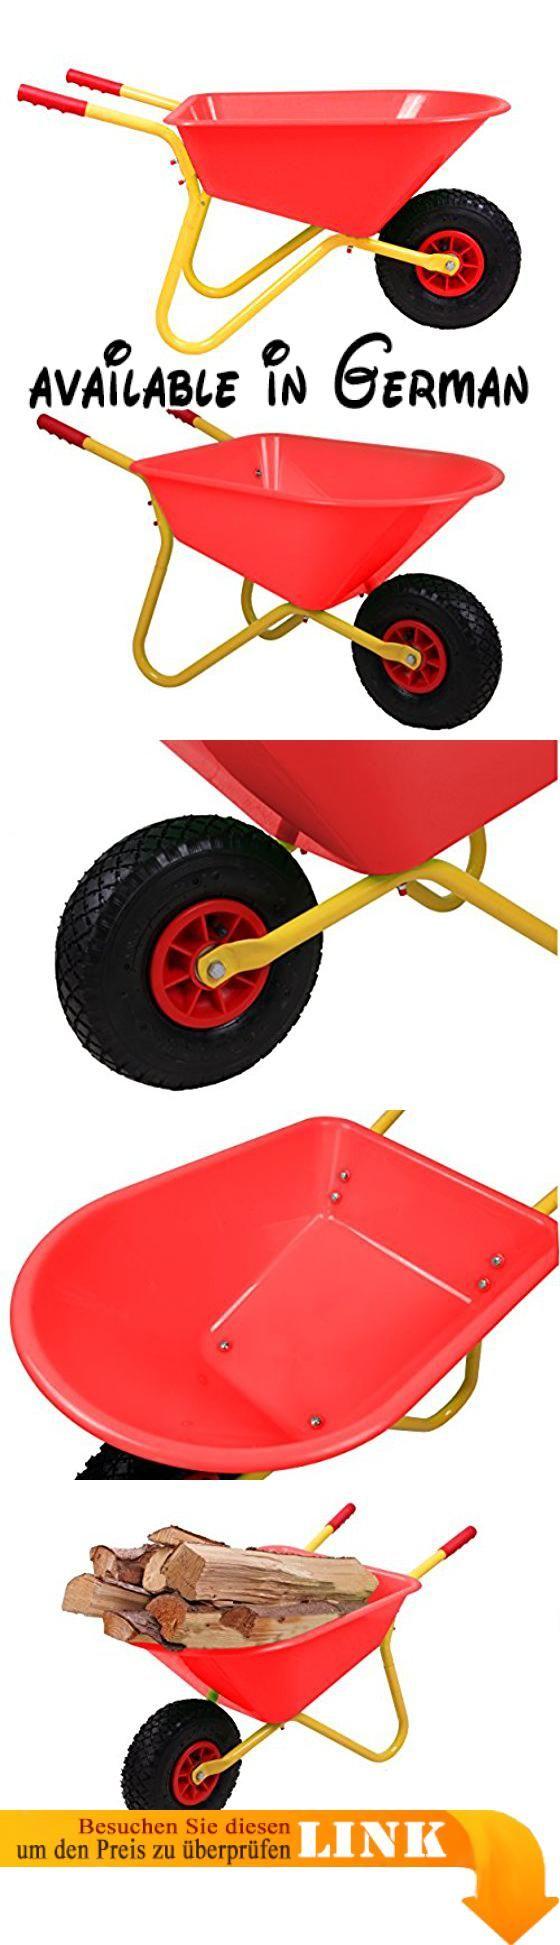 Ondis24 Kinderschubkarre Gartenschubkarre 20 Liter rote Mulde aus Kunststoff für Kinder. vollwertige stabile Schubkarre für Kinder mit 20 Litern Muldenvolumen, hochwertige Verarbeitung mit Kunststoffmulde und Metallgestänge. sehr stabile Kinderkarre mit Luftrad, dadurch leichtgängig, robust und original wie eine Schubkarre für Erwachsene. leuchtende Farbe der Kunststoffmulde und nur 4.5 Kg schwer #Toy #TOYS_AND_GAMES